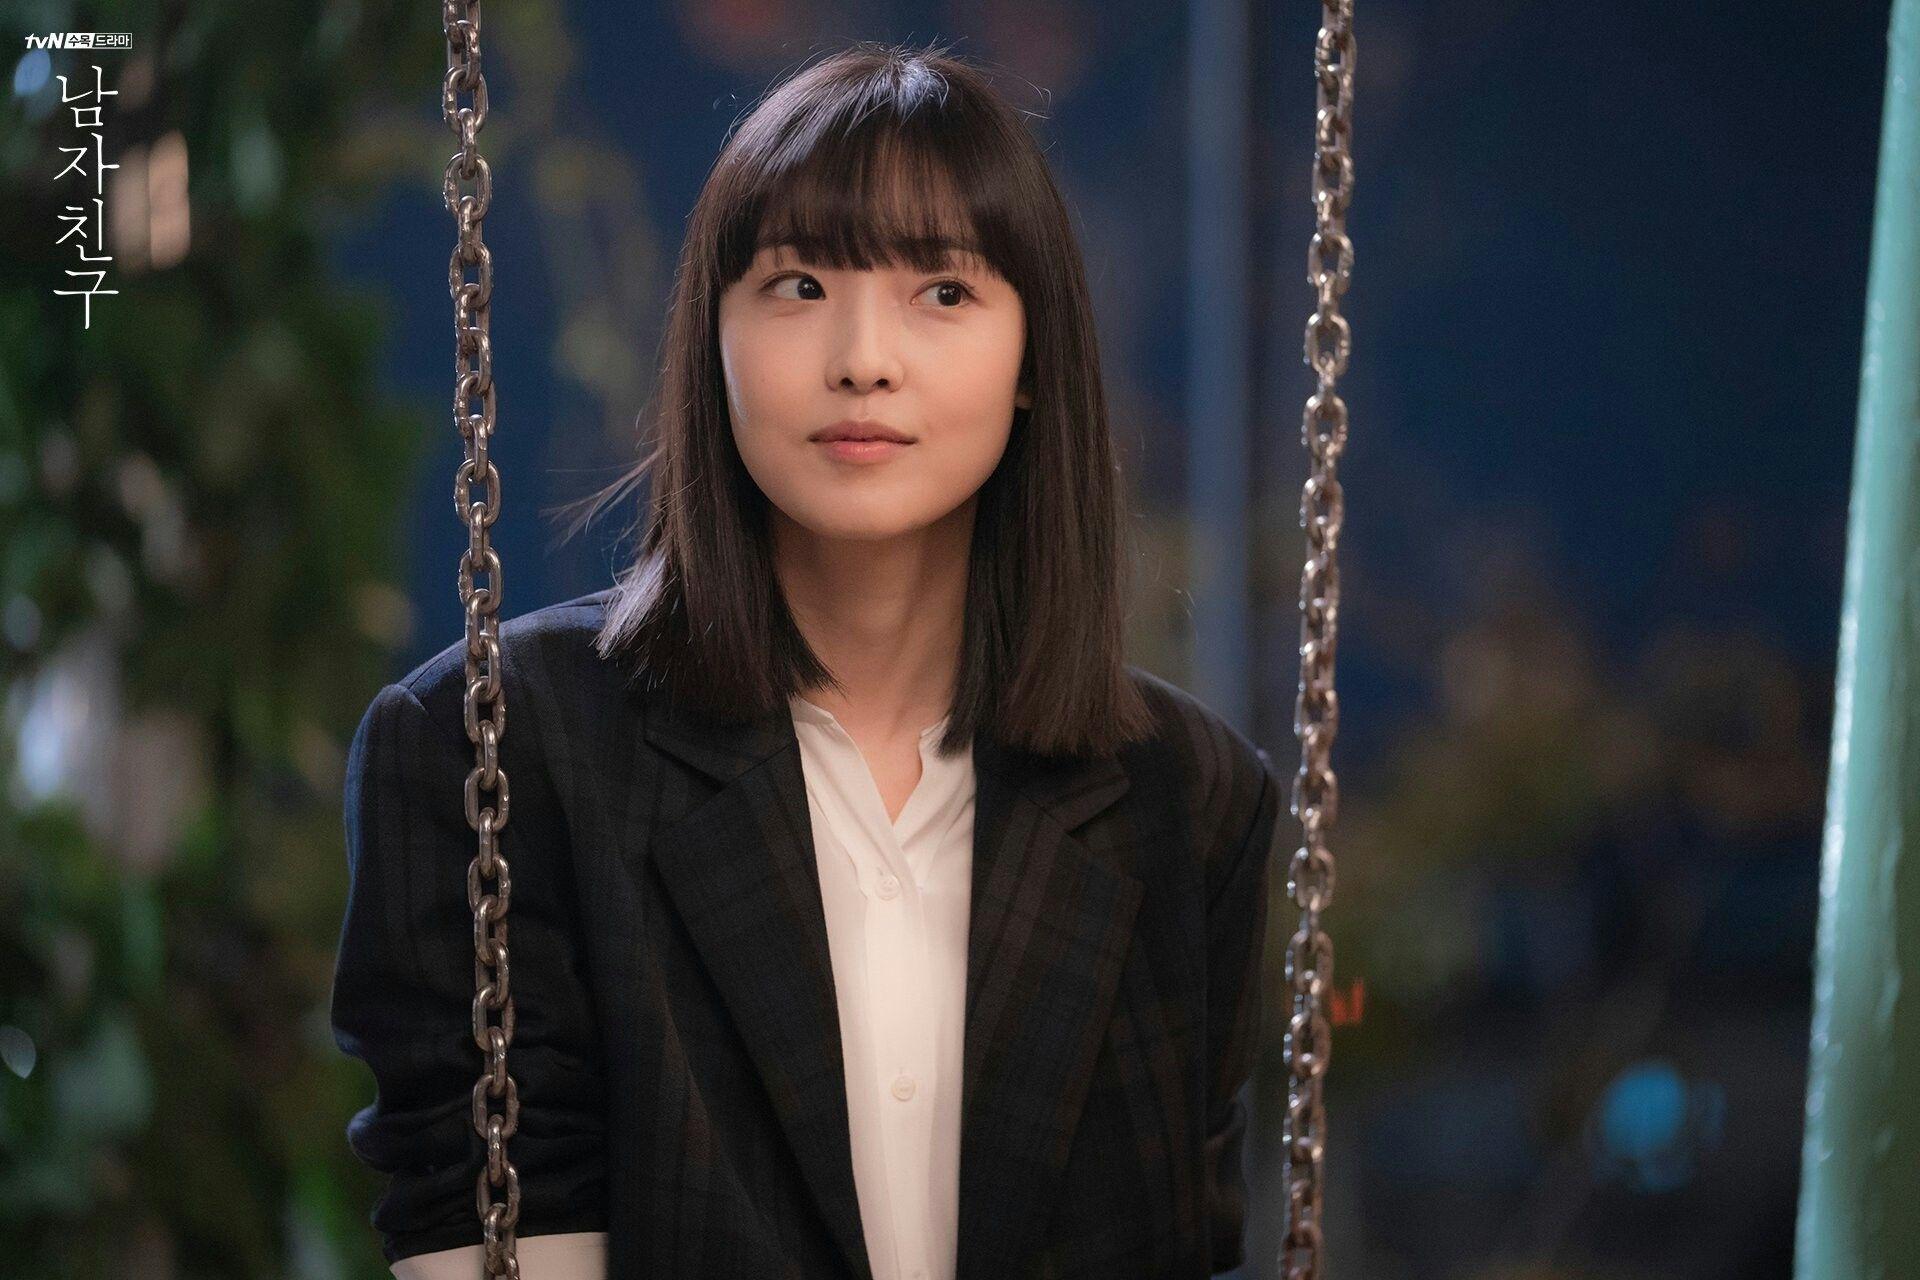 3 kiểu blazer sao Hàn hay diện trong phim, đã đẹp tinh tế còn không bao giờ lỗi mốt, nàng công sở rất nên học theo - Ảnh 13.